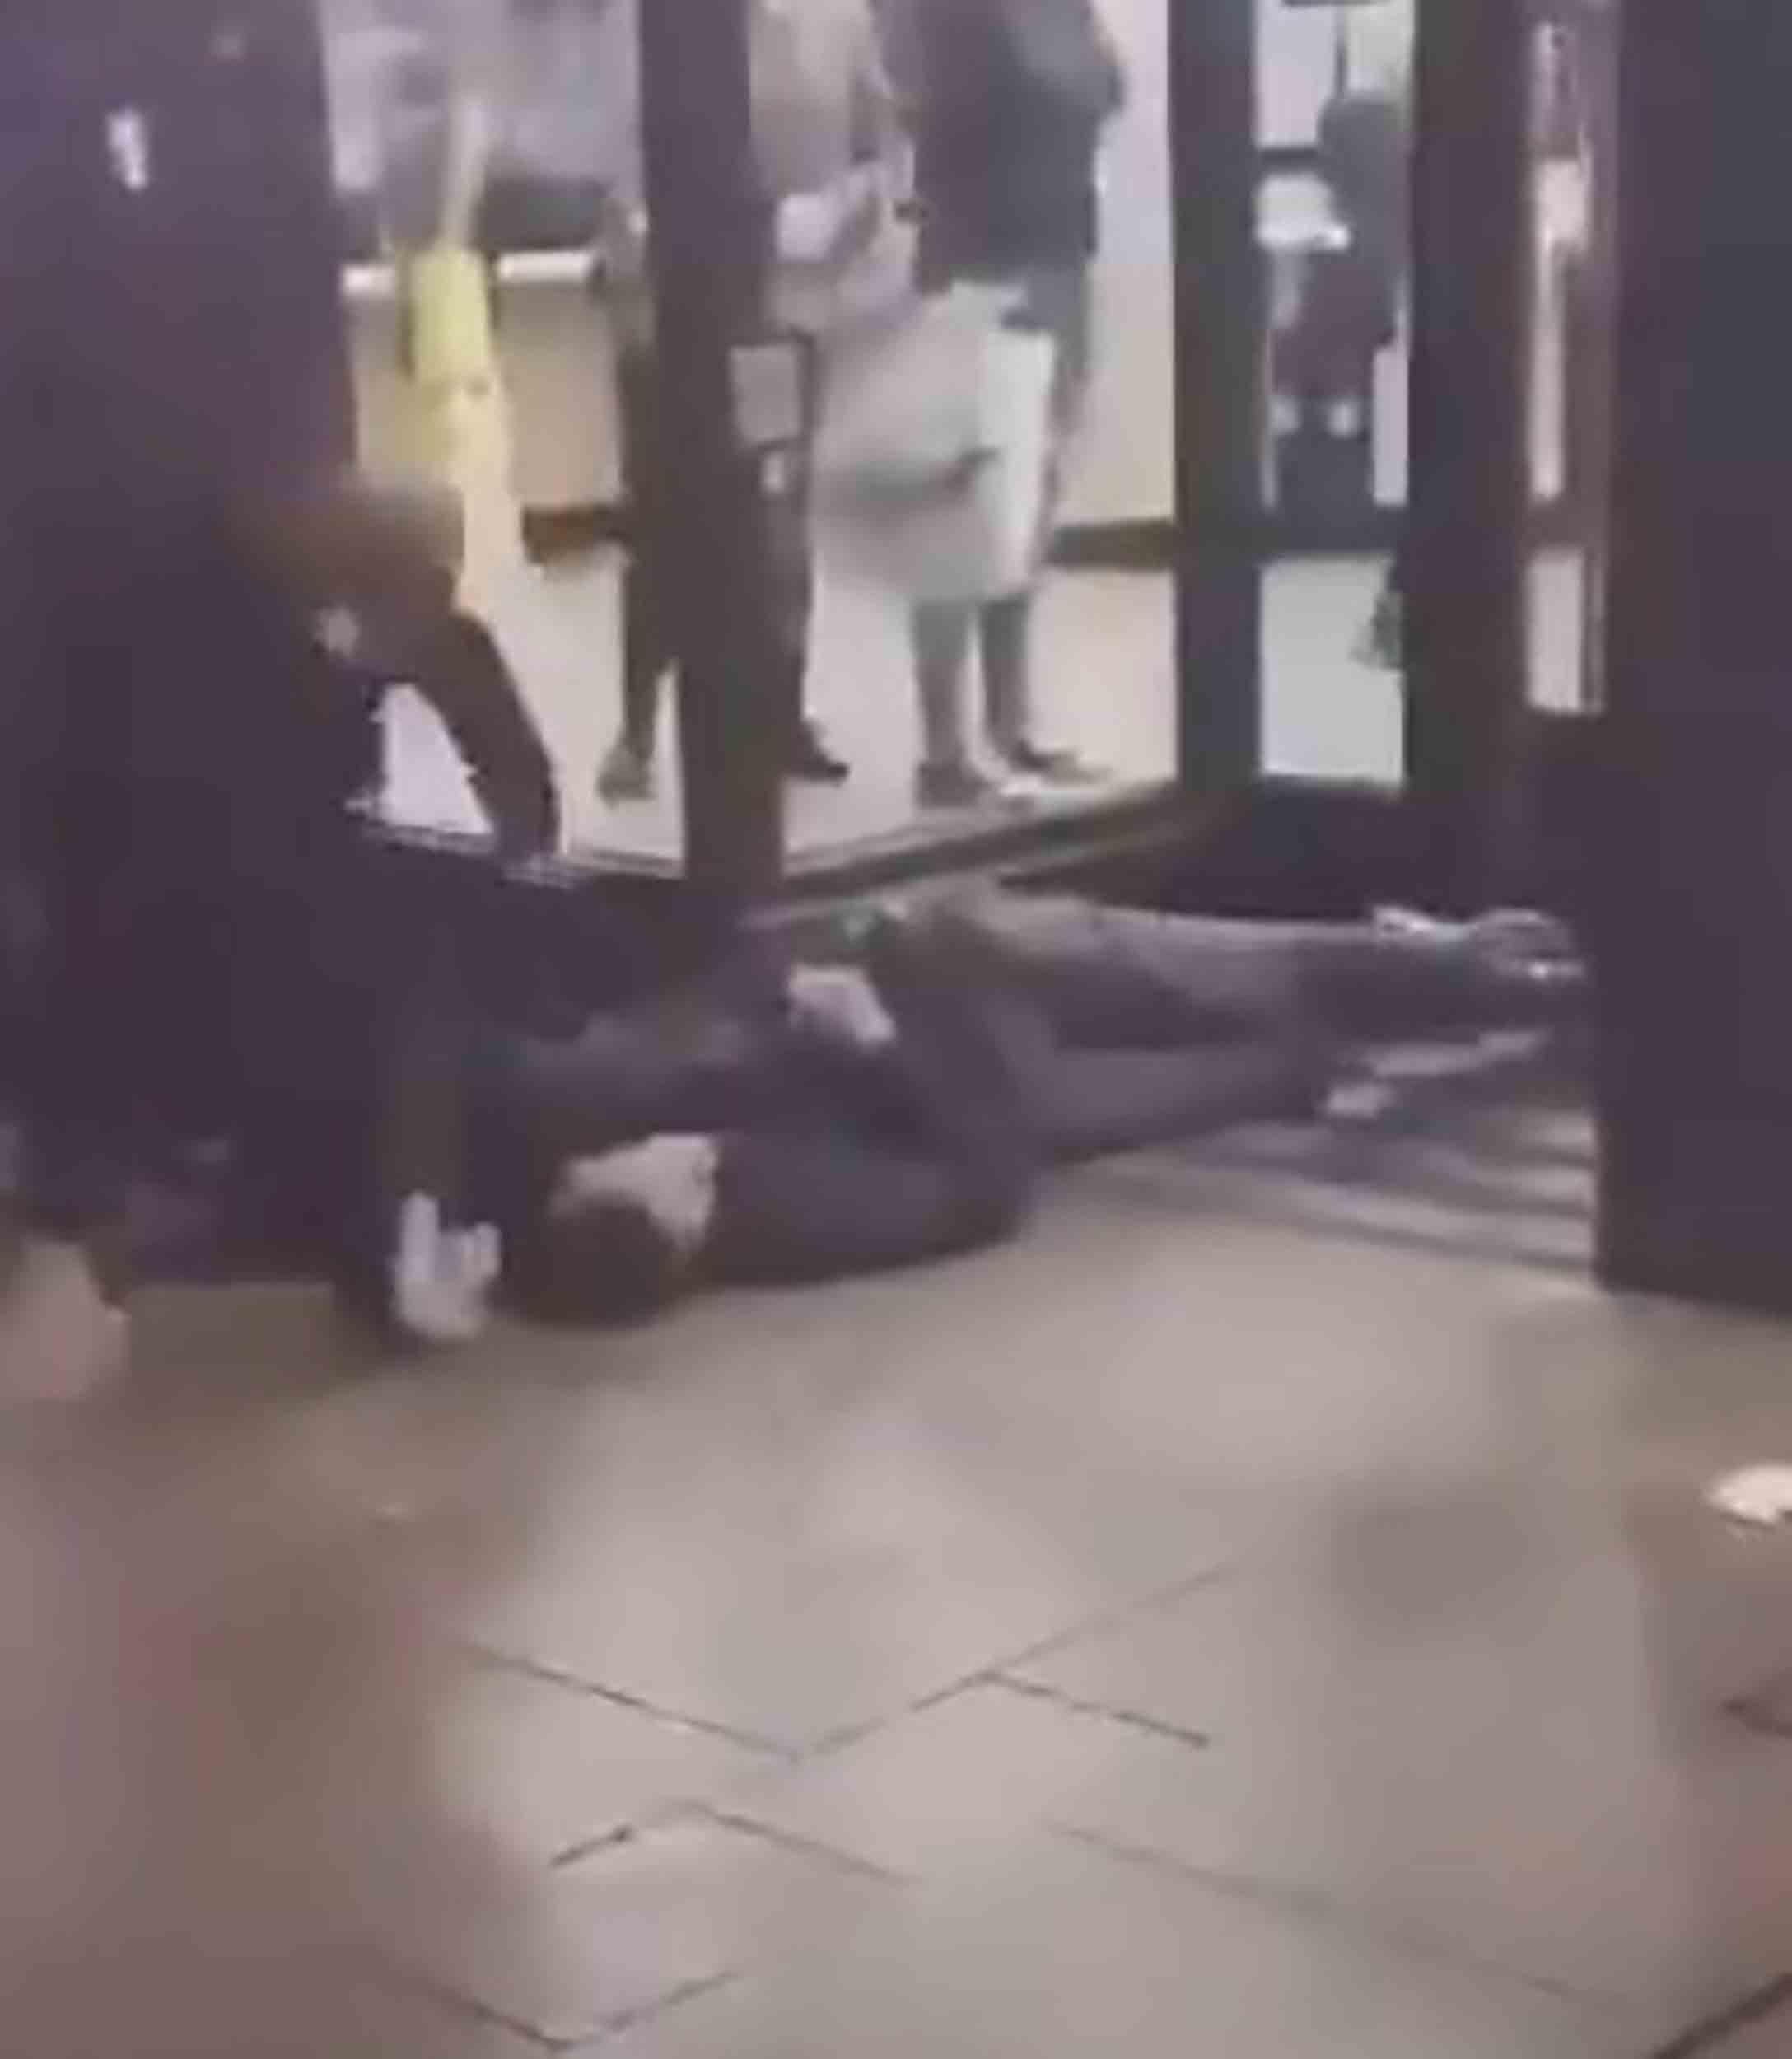 Man on floor outside McDonalds